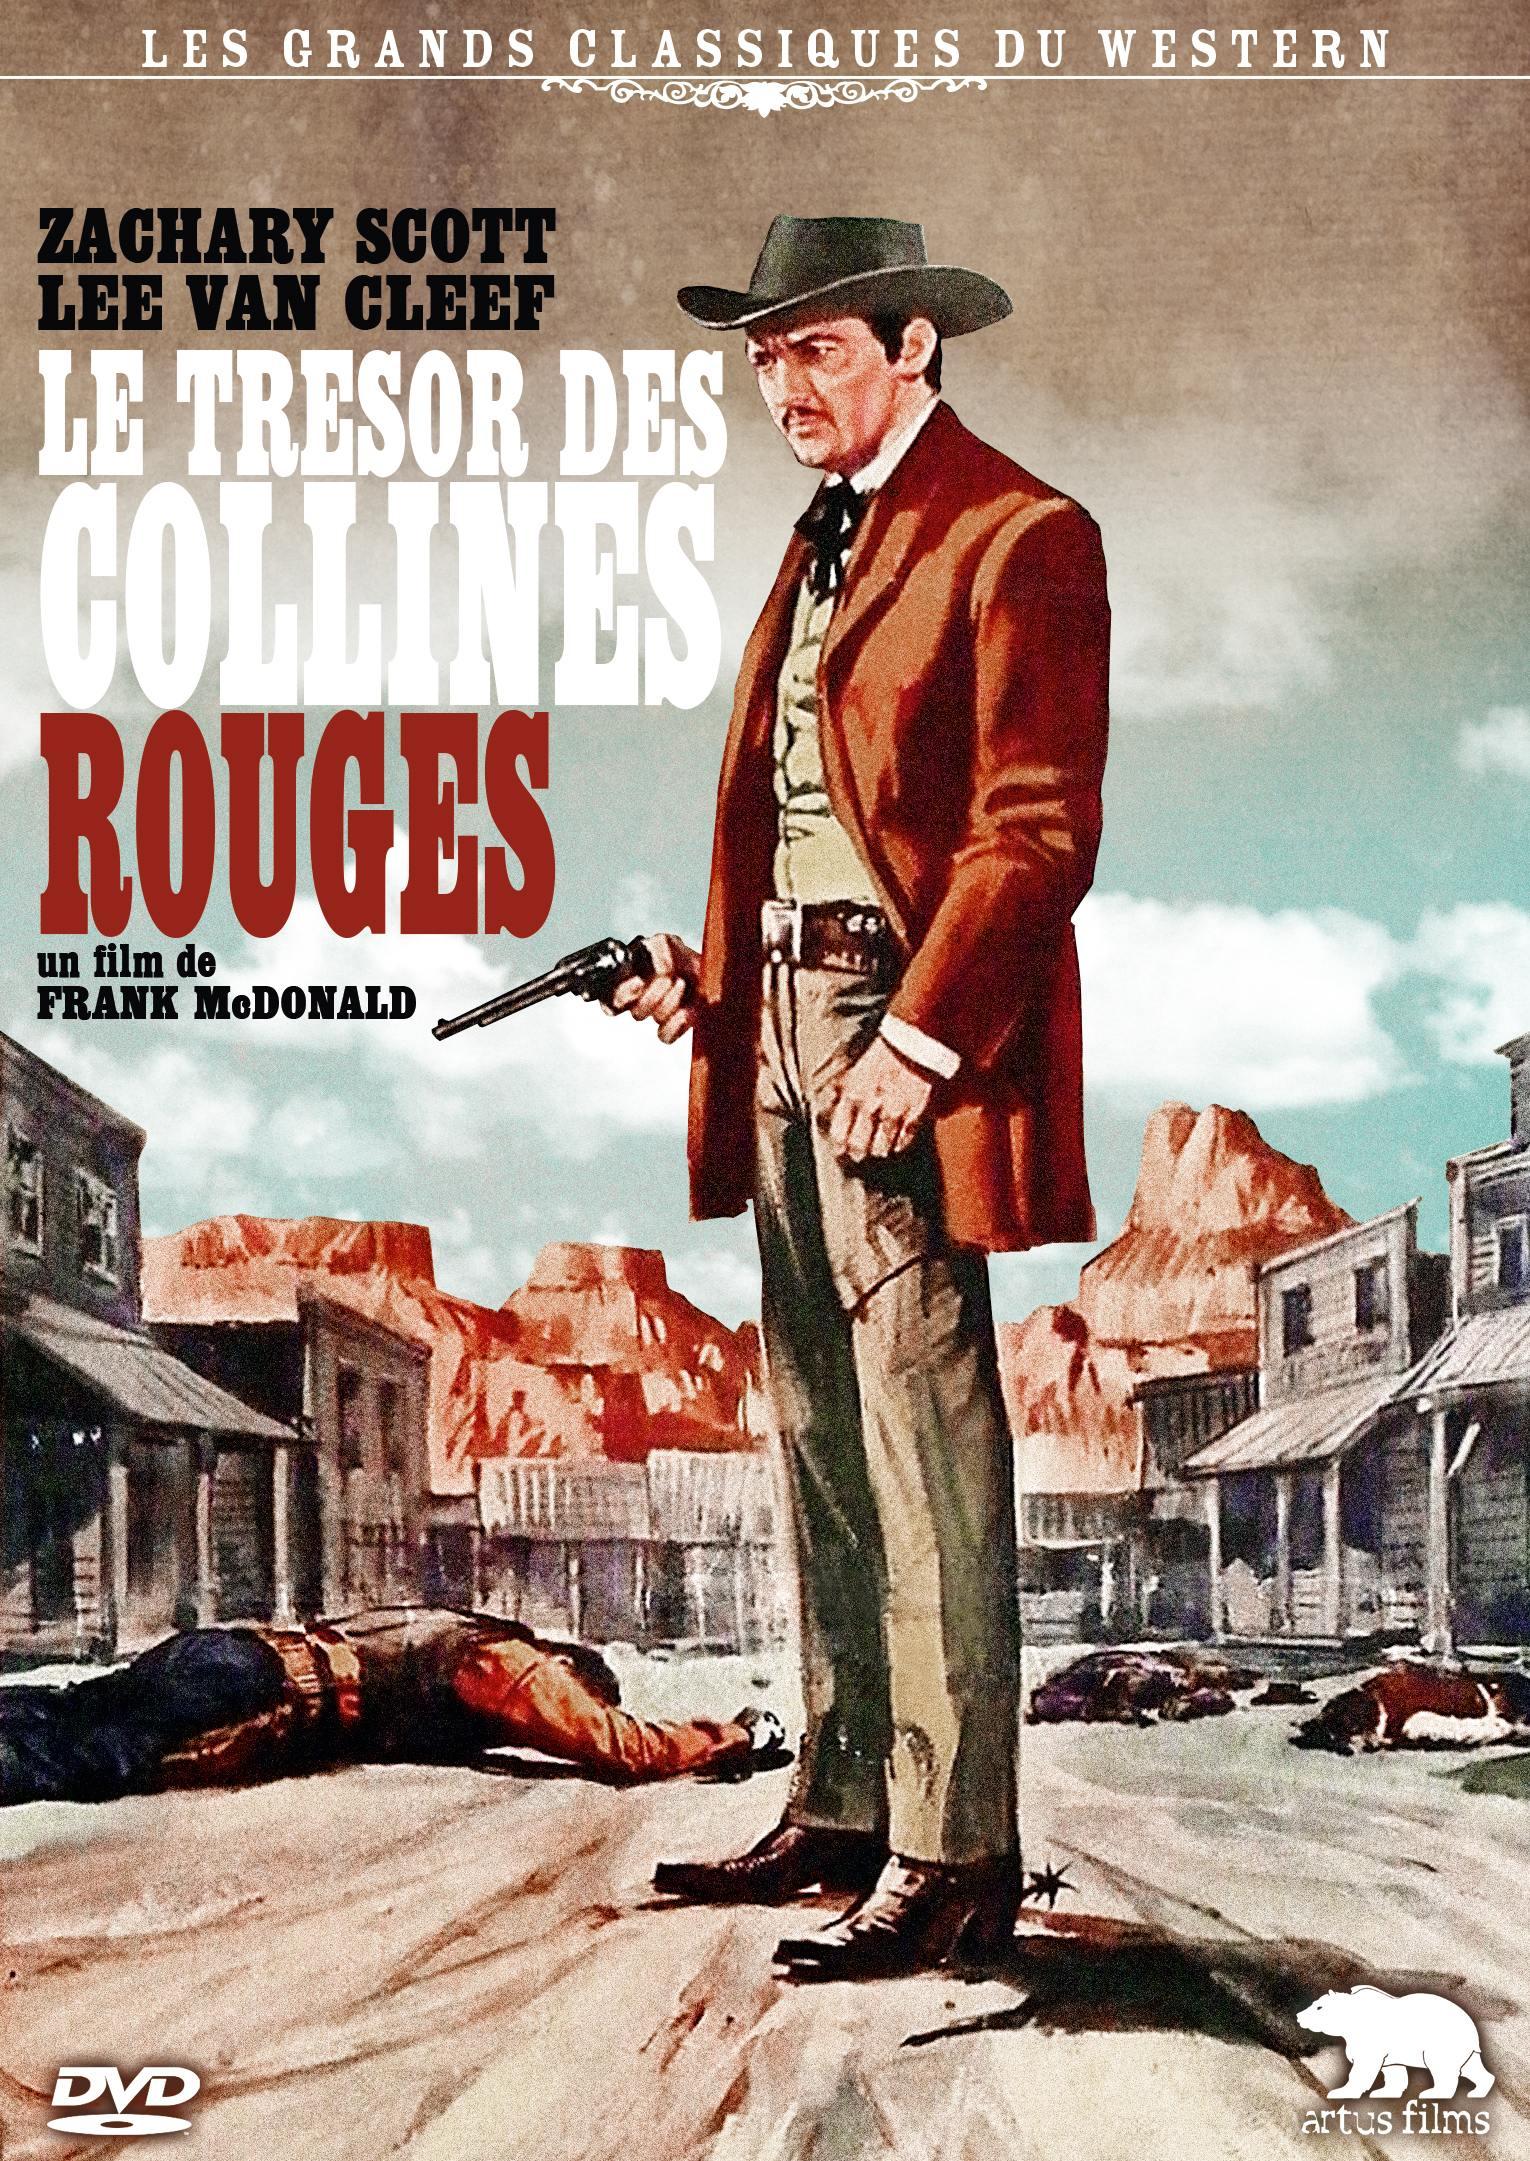 Tresor des collines rouges (le) - dvd